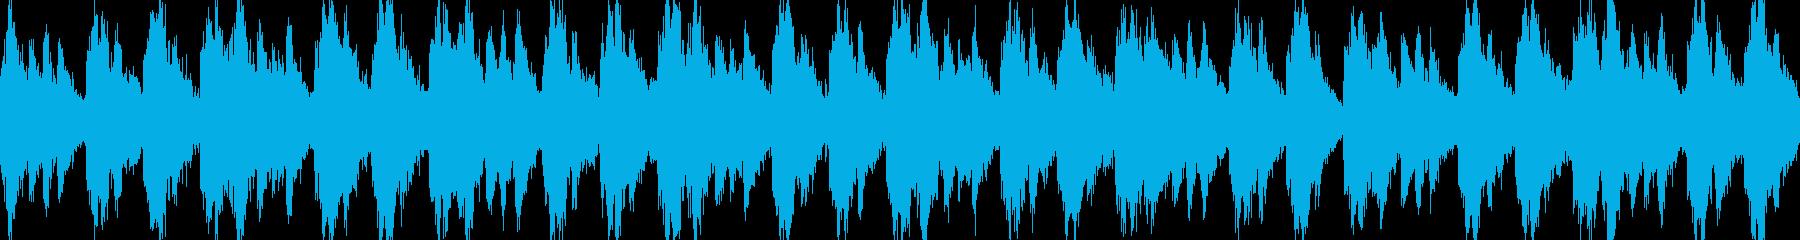 和風 巡礼 野山を足早にの再生済みの波形